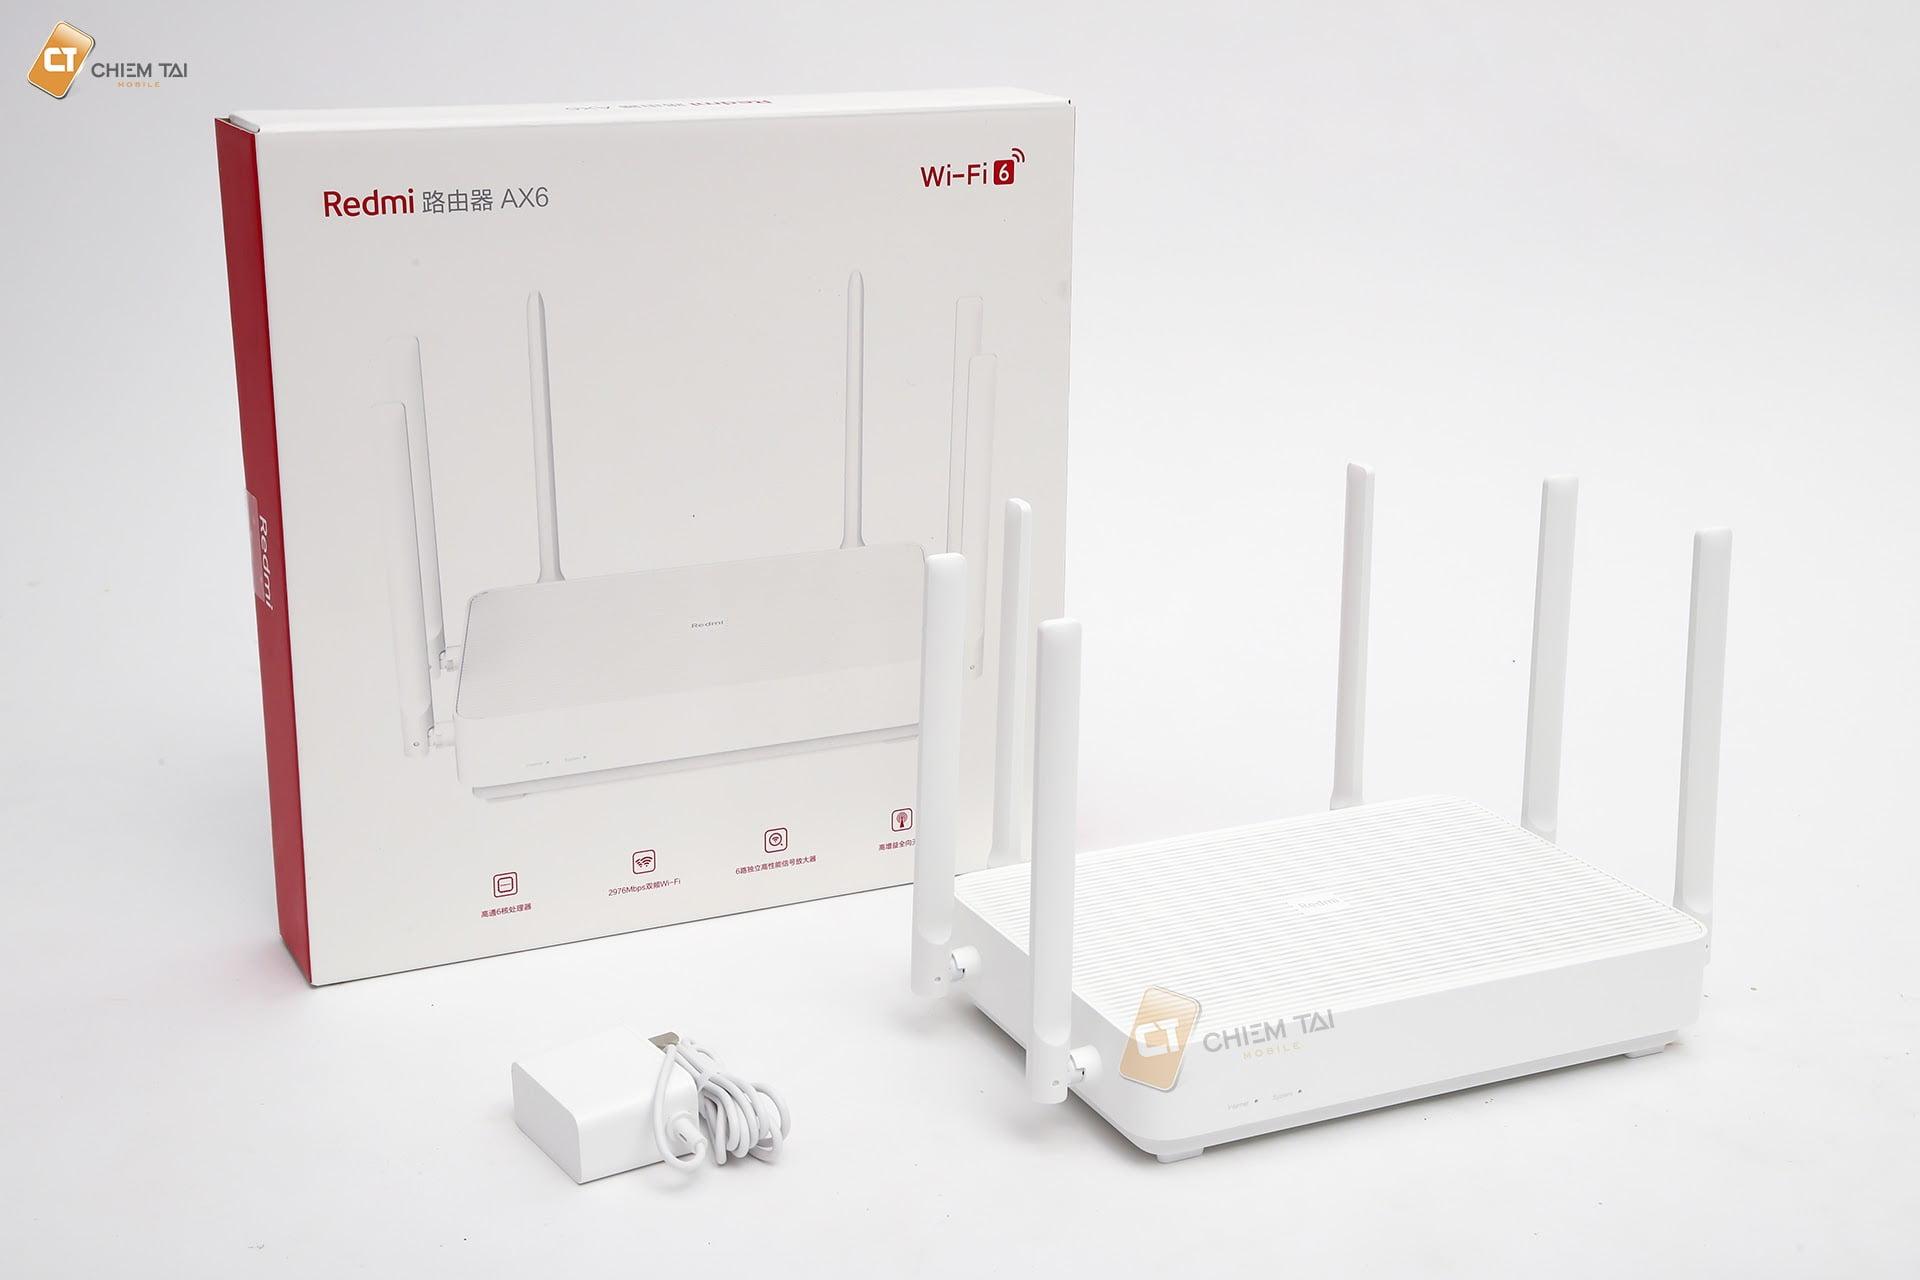 router wifi 6 redmi